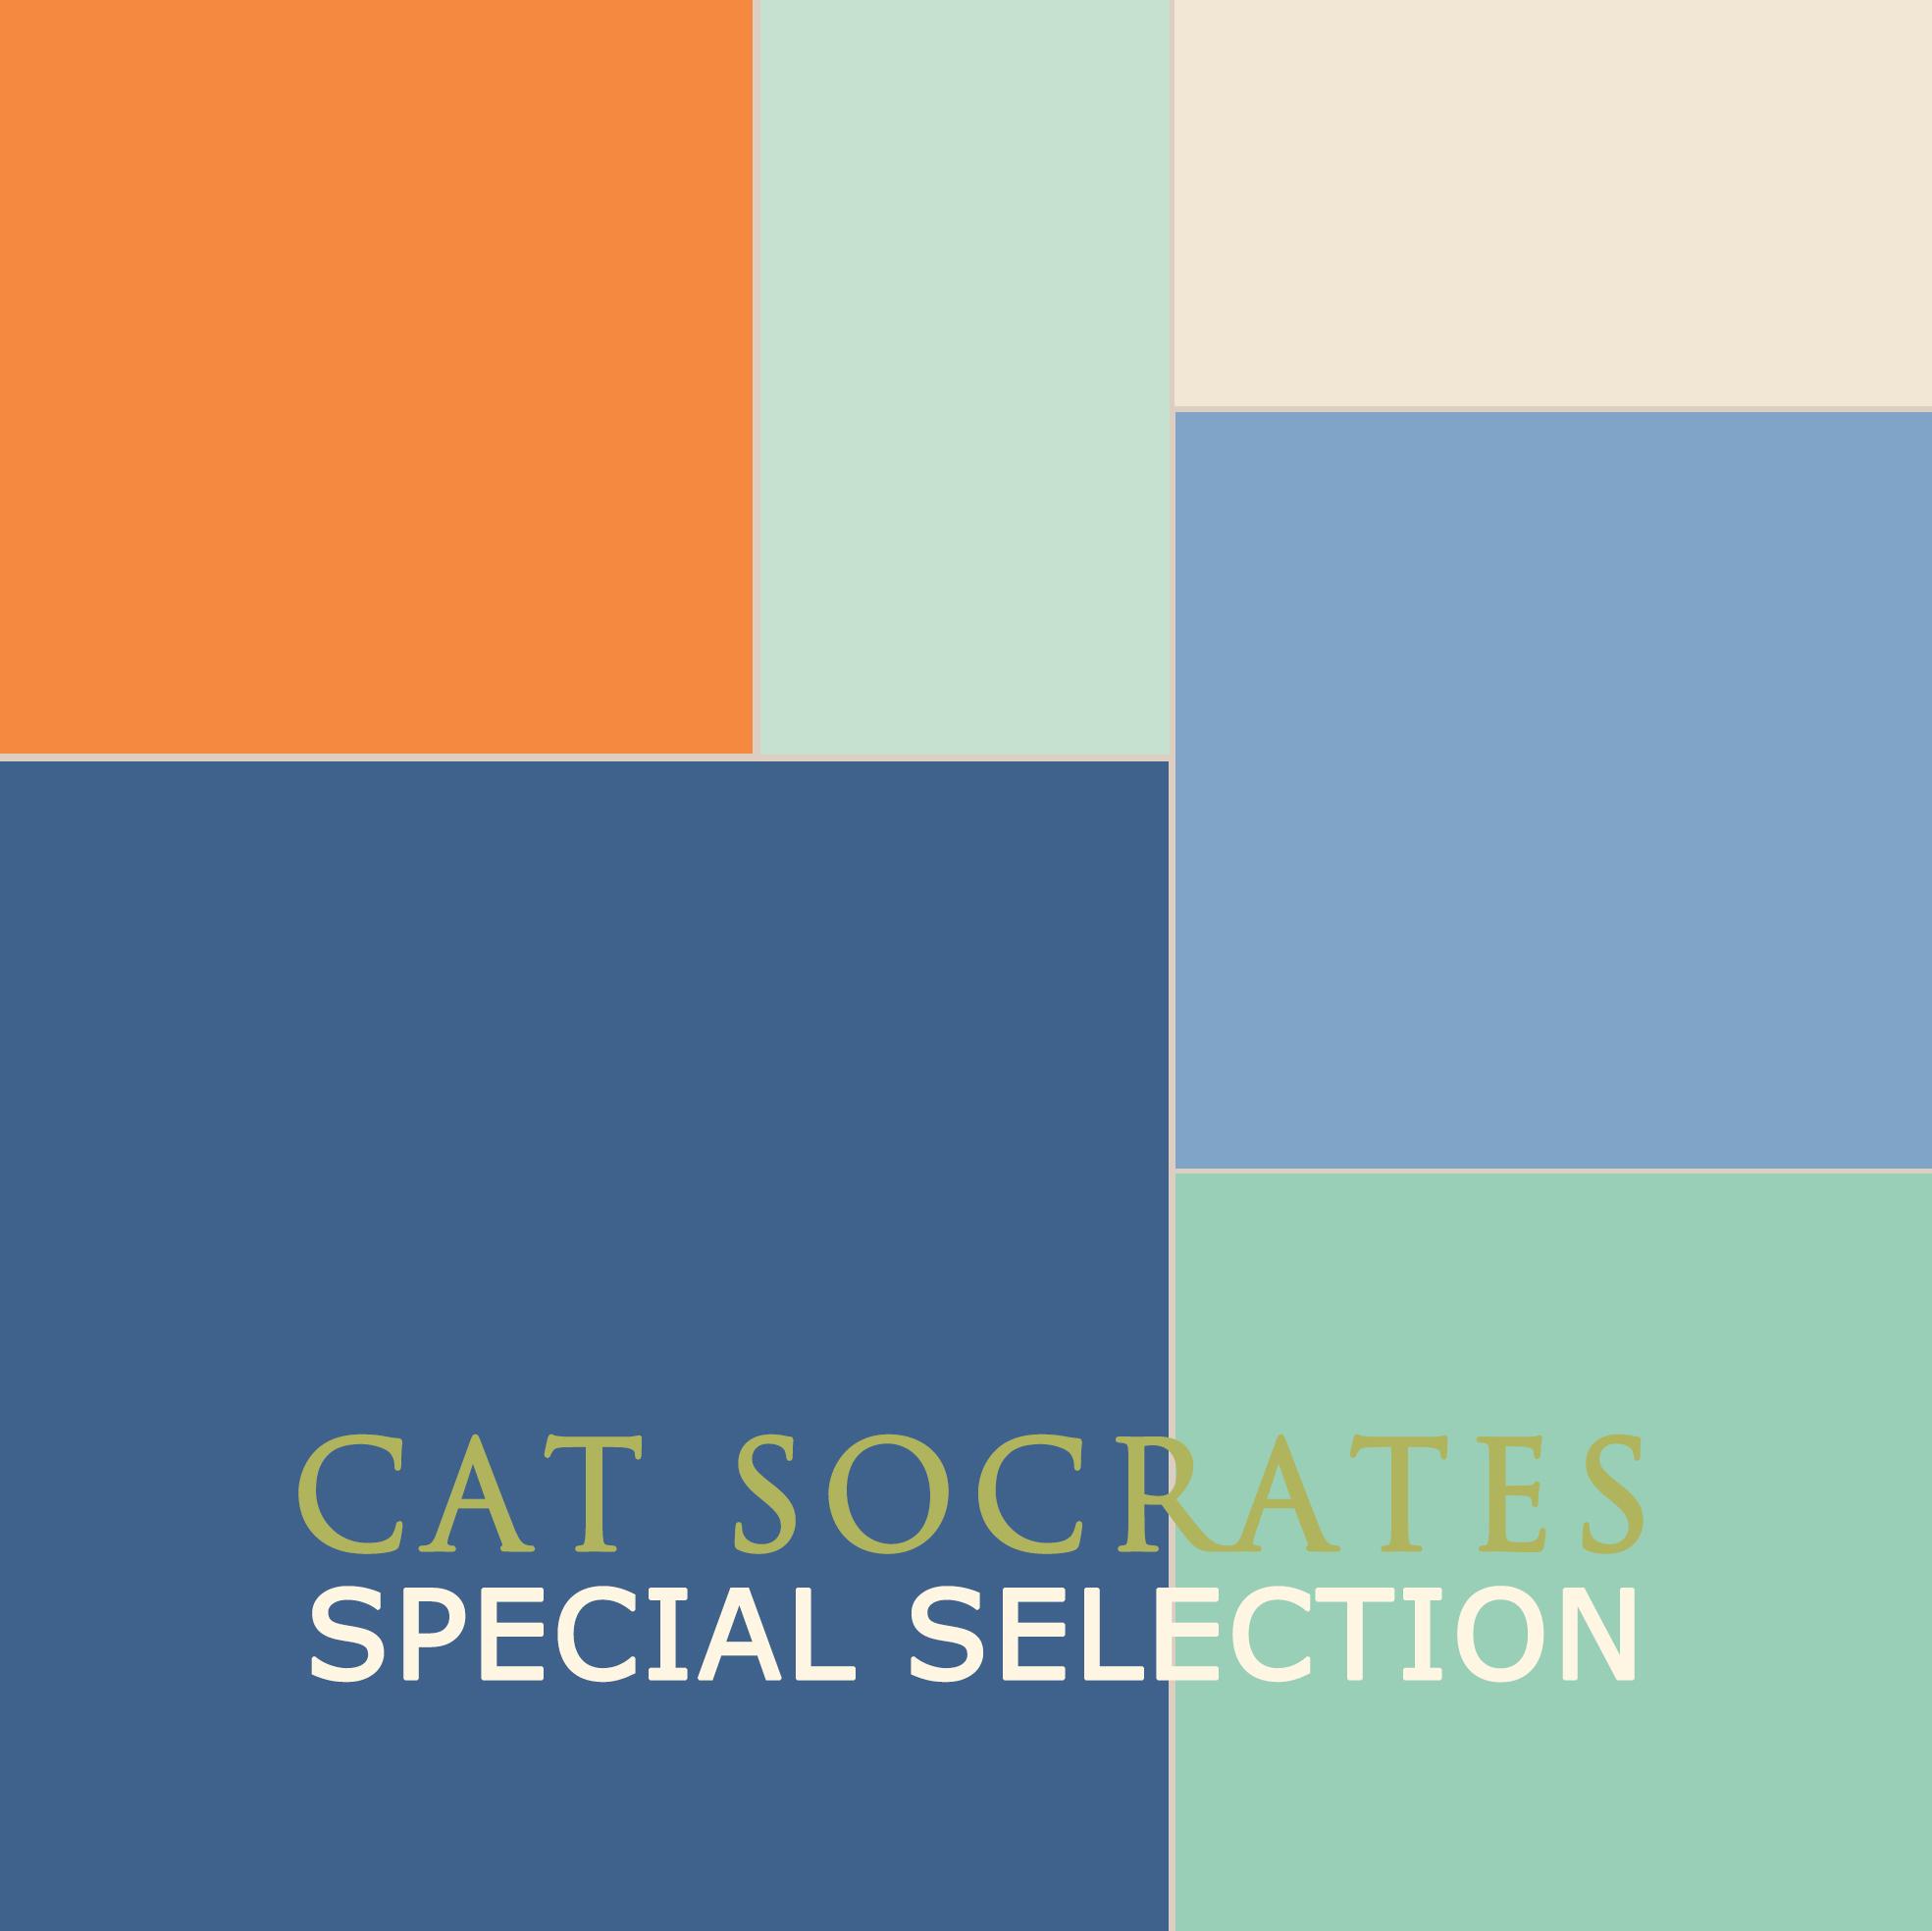 cat socrates